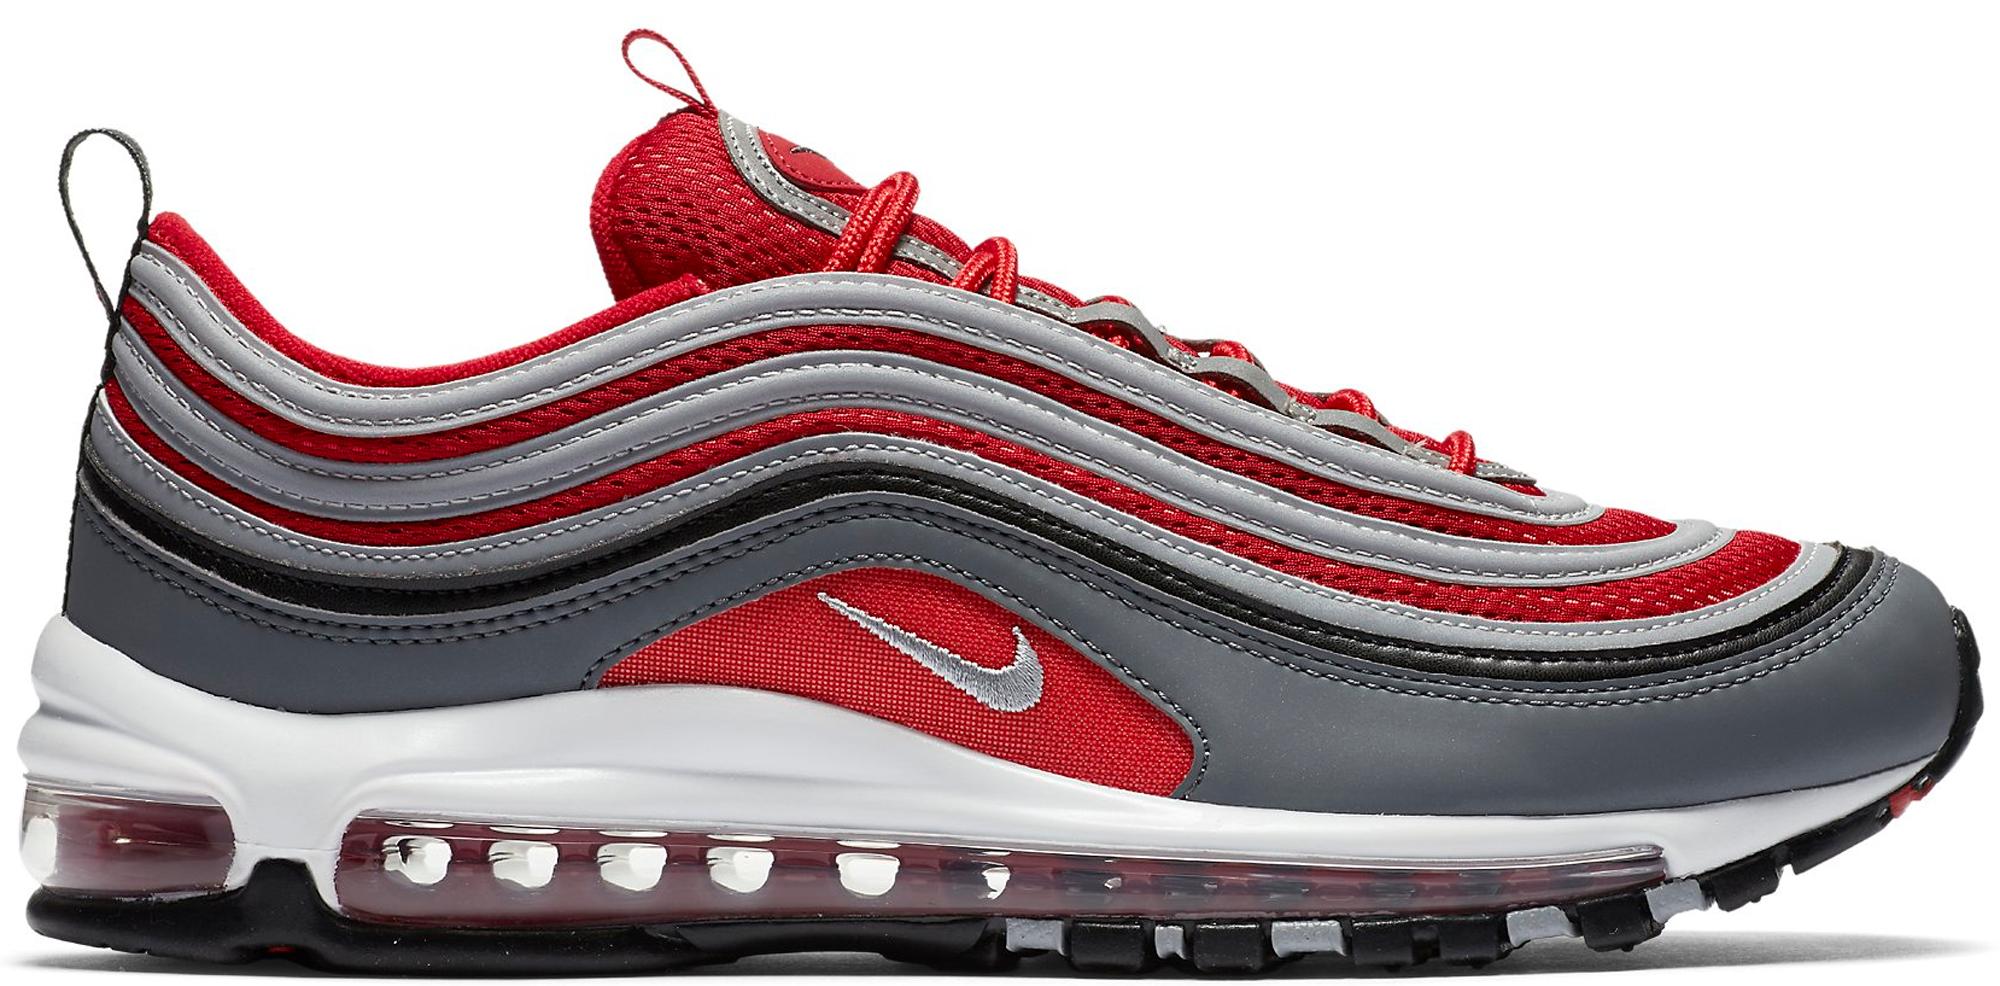 94313f0de81 Red Nike Air Max 97 Air Max 97 Footlocker